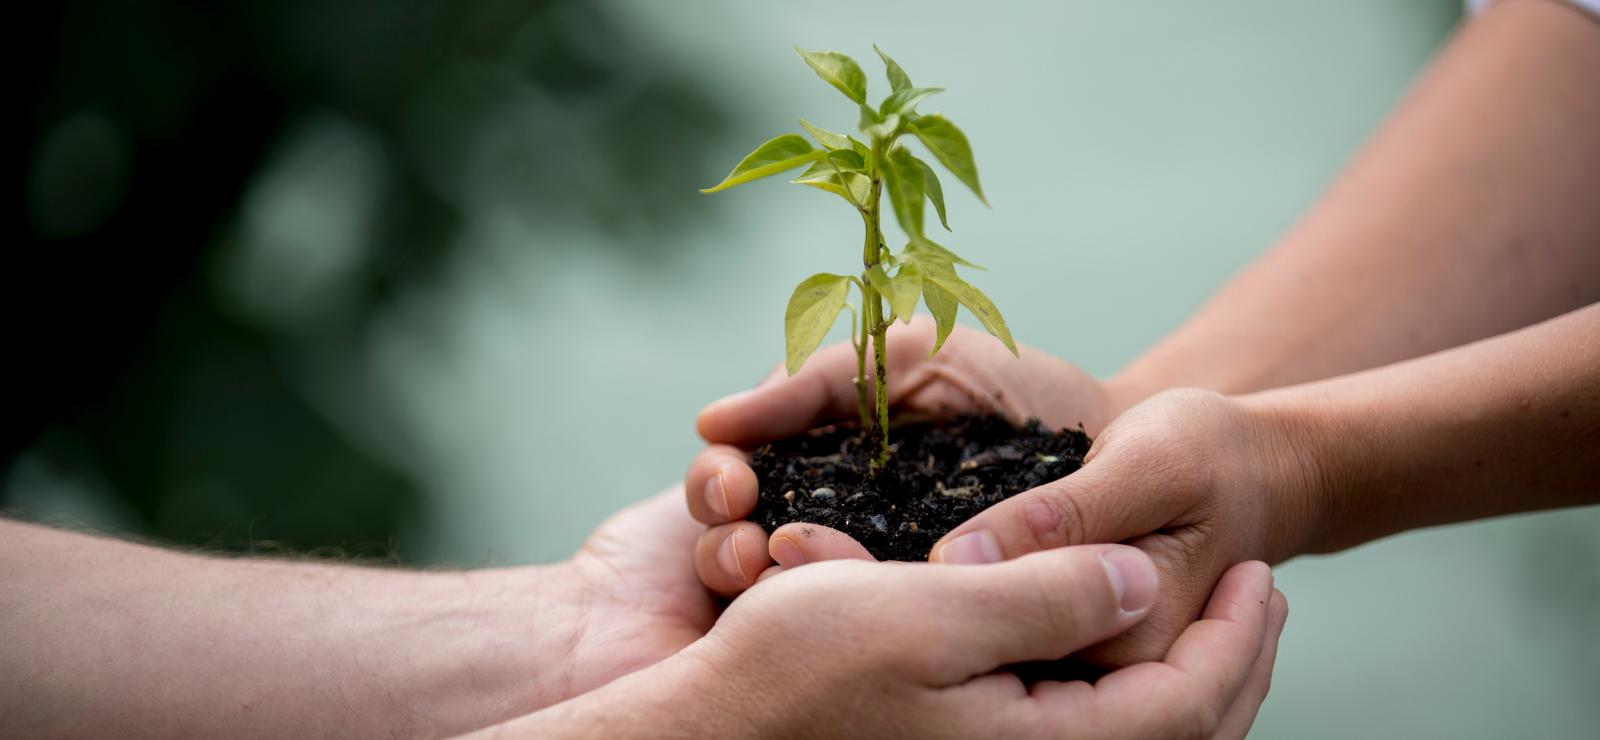 Yhteistyö, kahdet kädet pitävät yhdessä kasvin taimea.